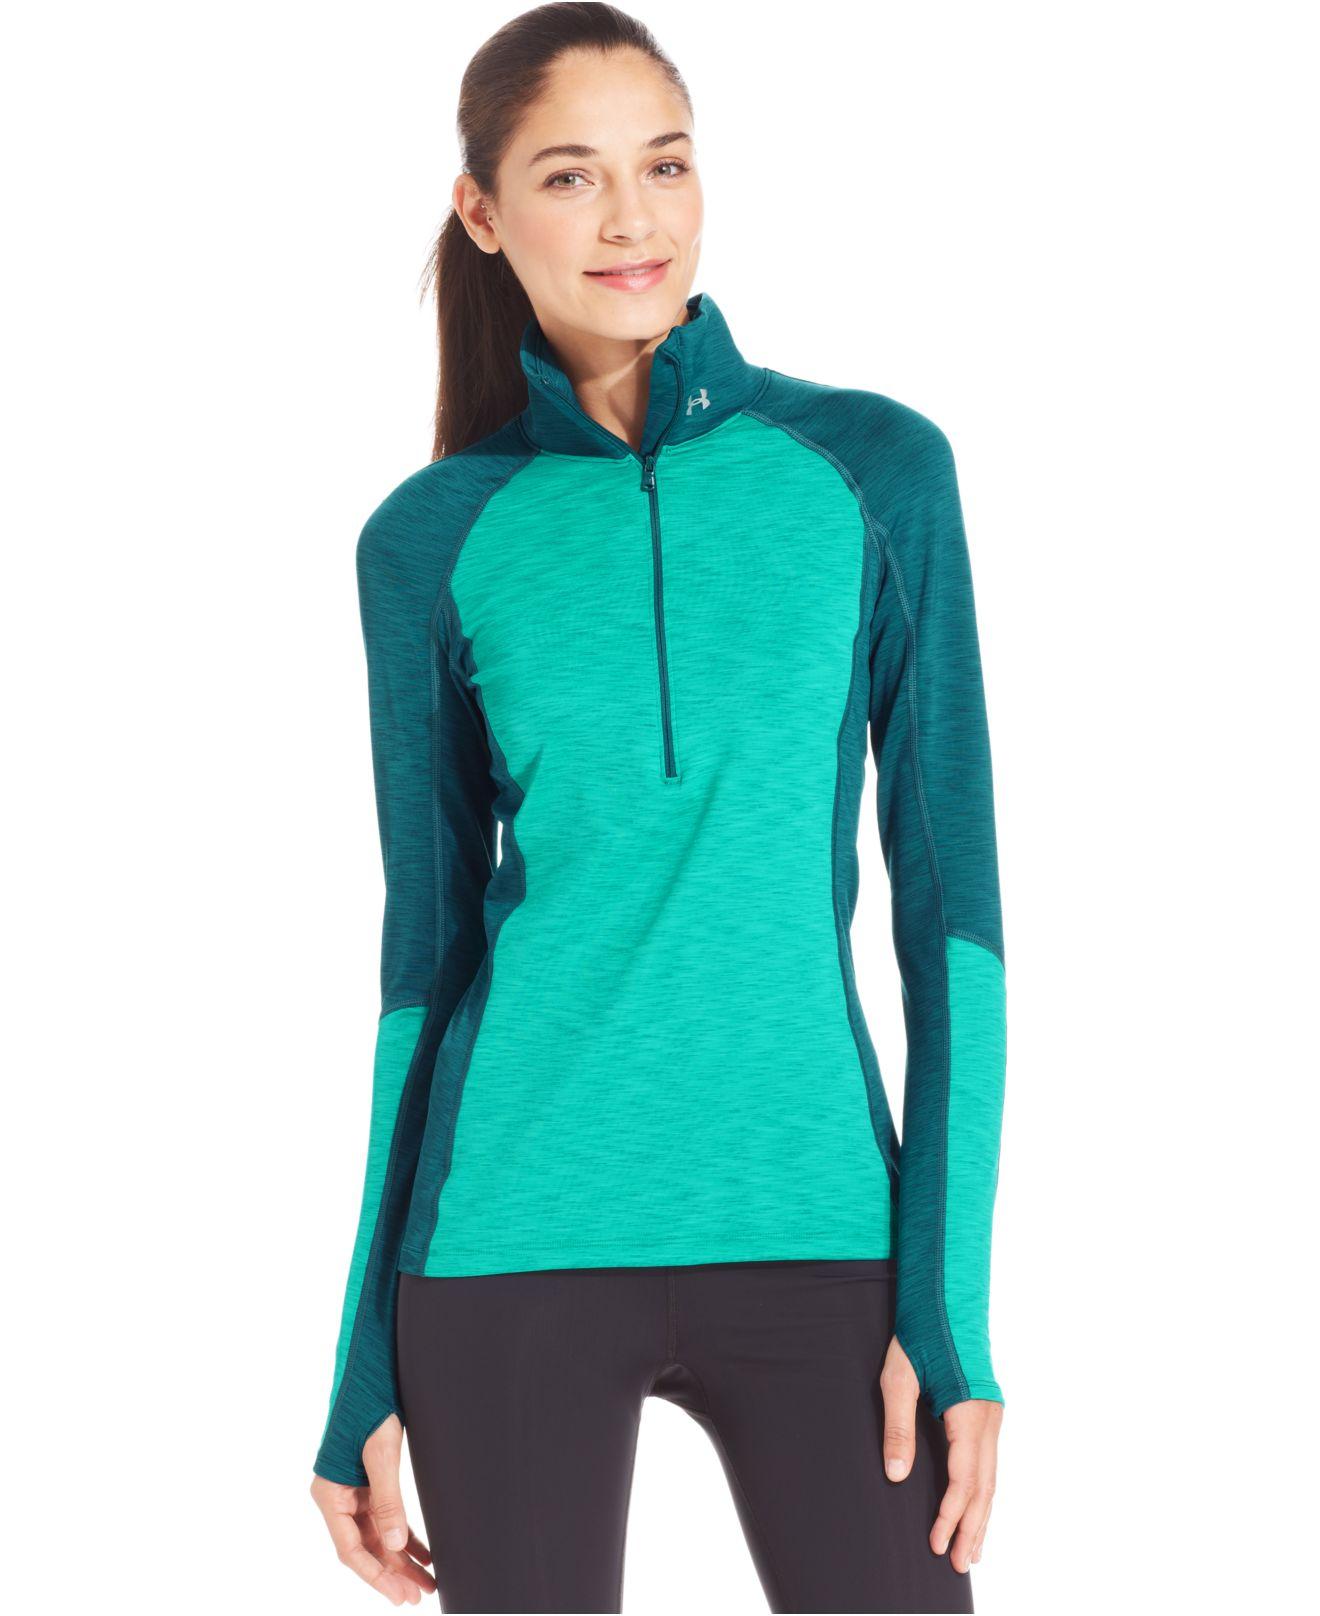 Under armour coldgear cozy long sleeve half zip top lyst for Under armour dri fit long sleeve shirts